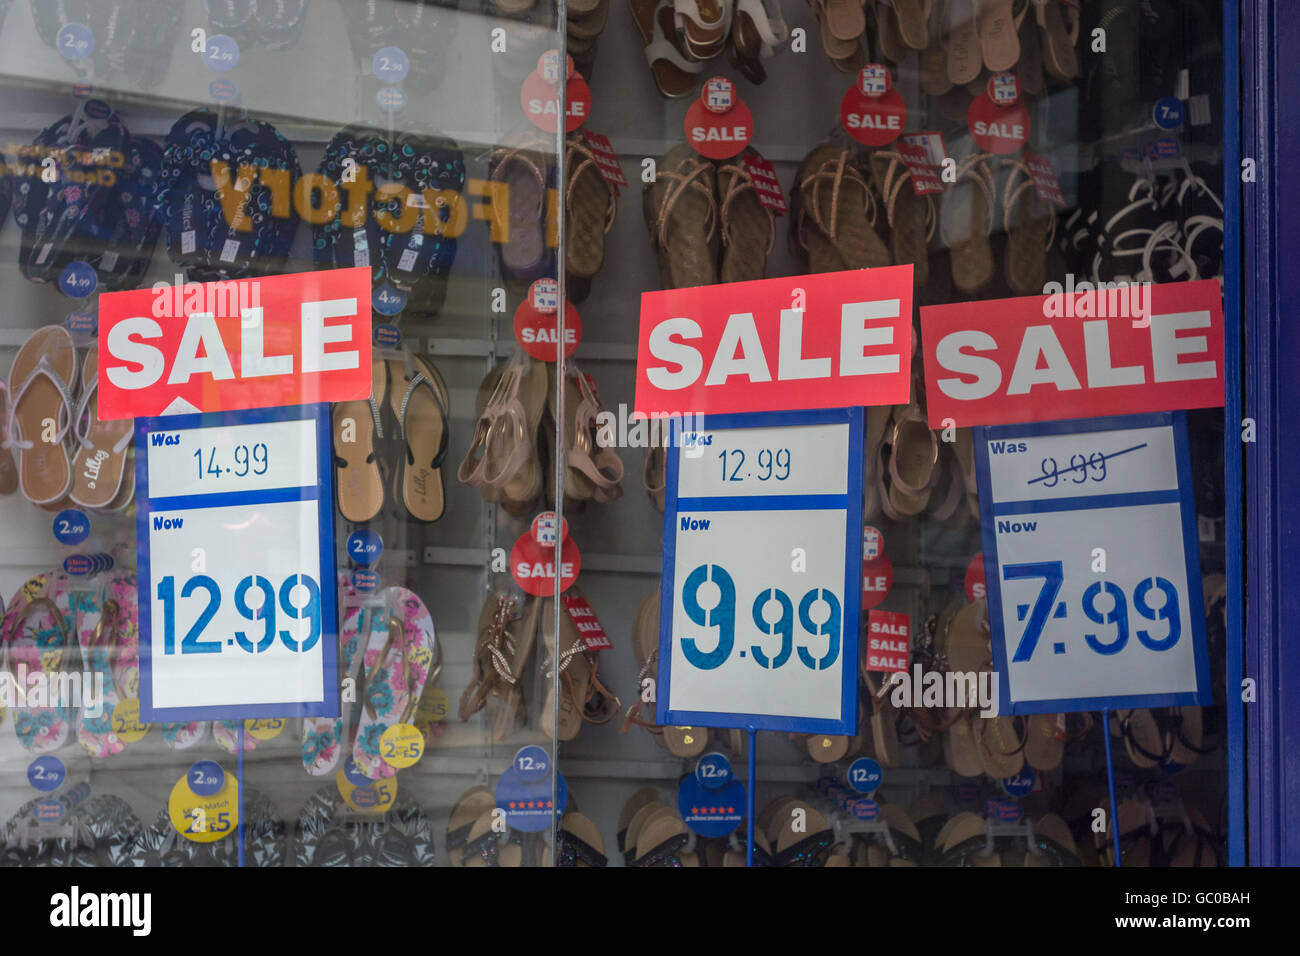 Hight Street / Vendite Le vendite al dettaglio / la fiducia dei consumatori nozione. Le riduzioni di prezzo. Immagini Stock